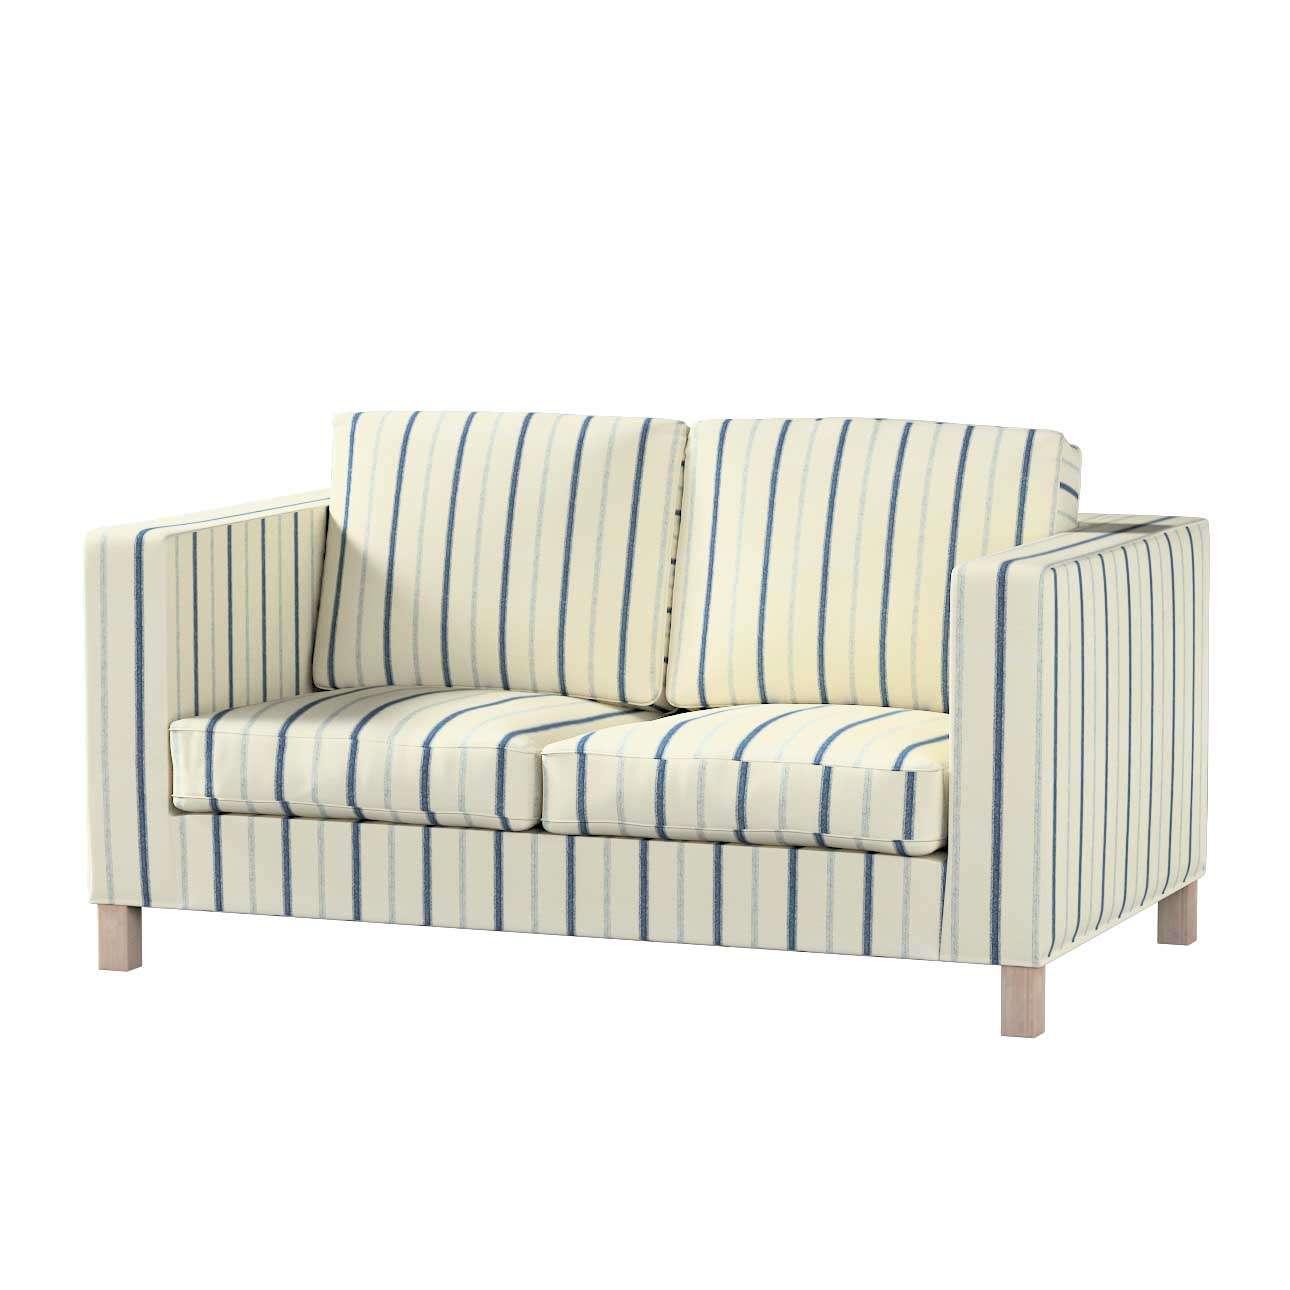 KARLANDA dvivietės sofos užvalkalas KARLANDA dvivietės sofos užvalkalas kolekcijoje Avinon, audinys: 129-66